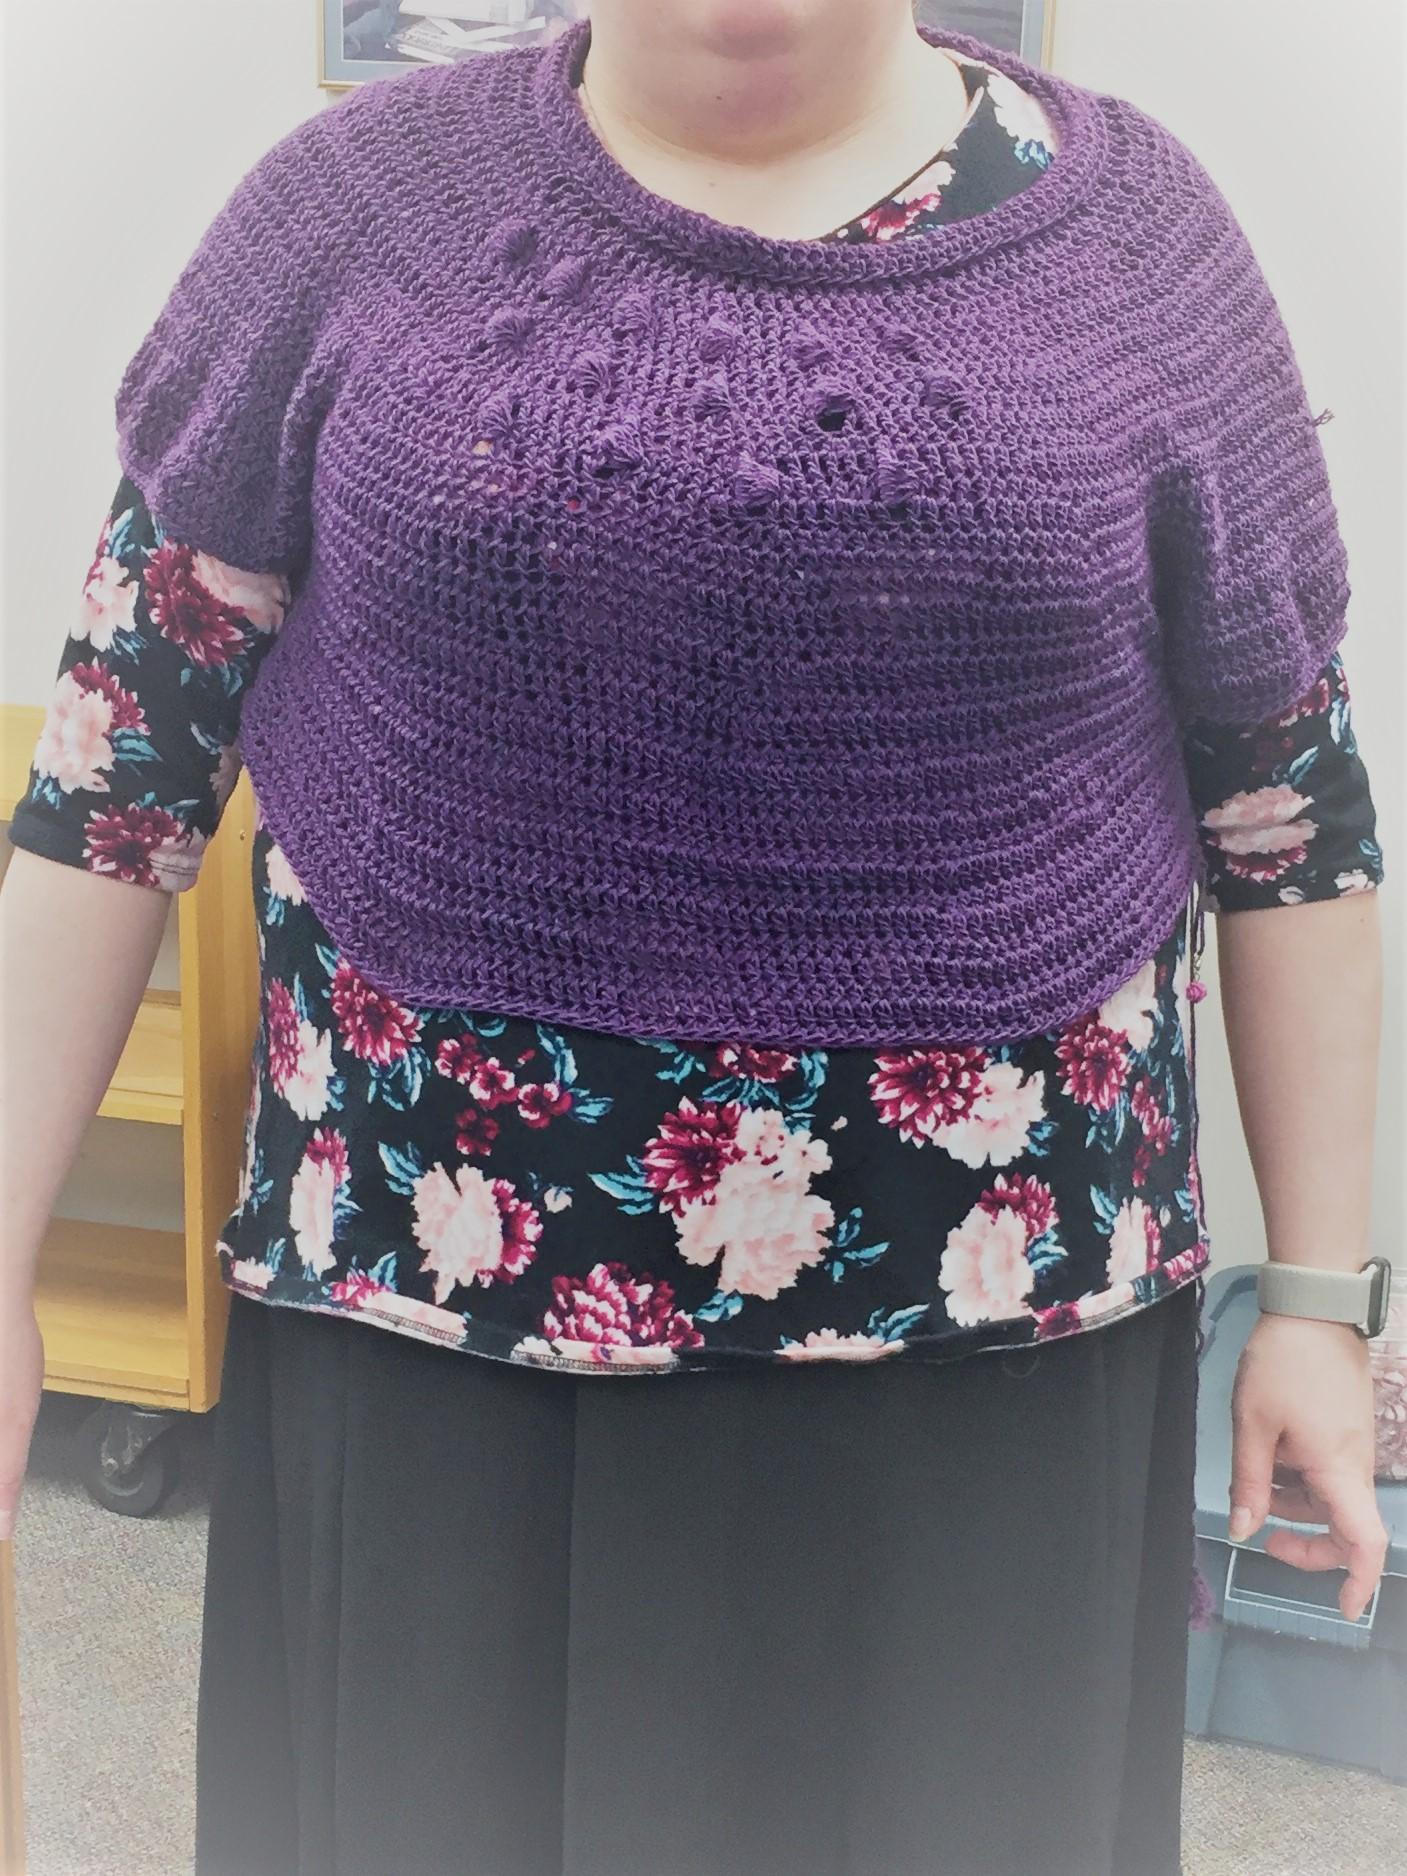 Furls coffee cup sweater progress july 29 2019